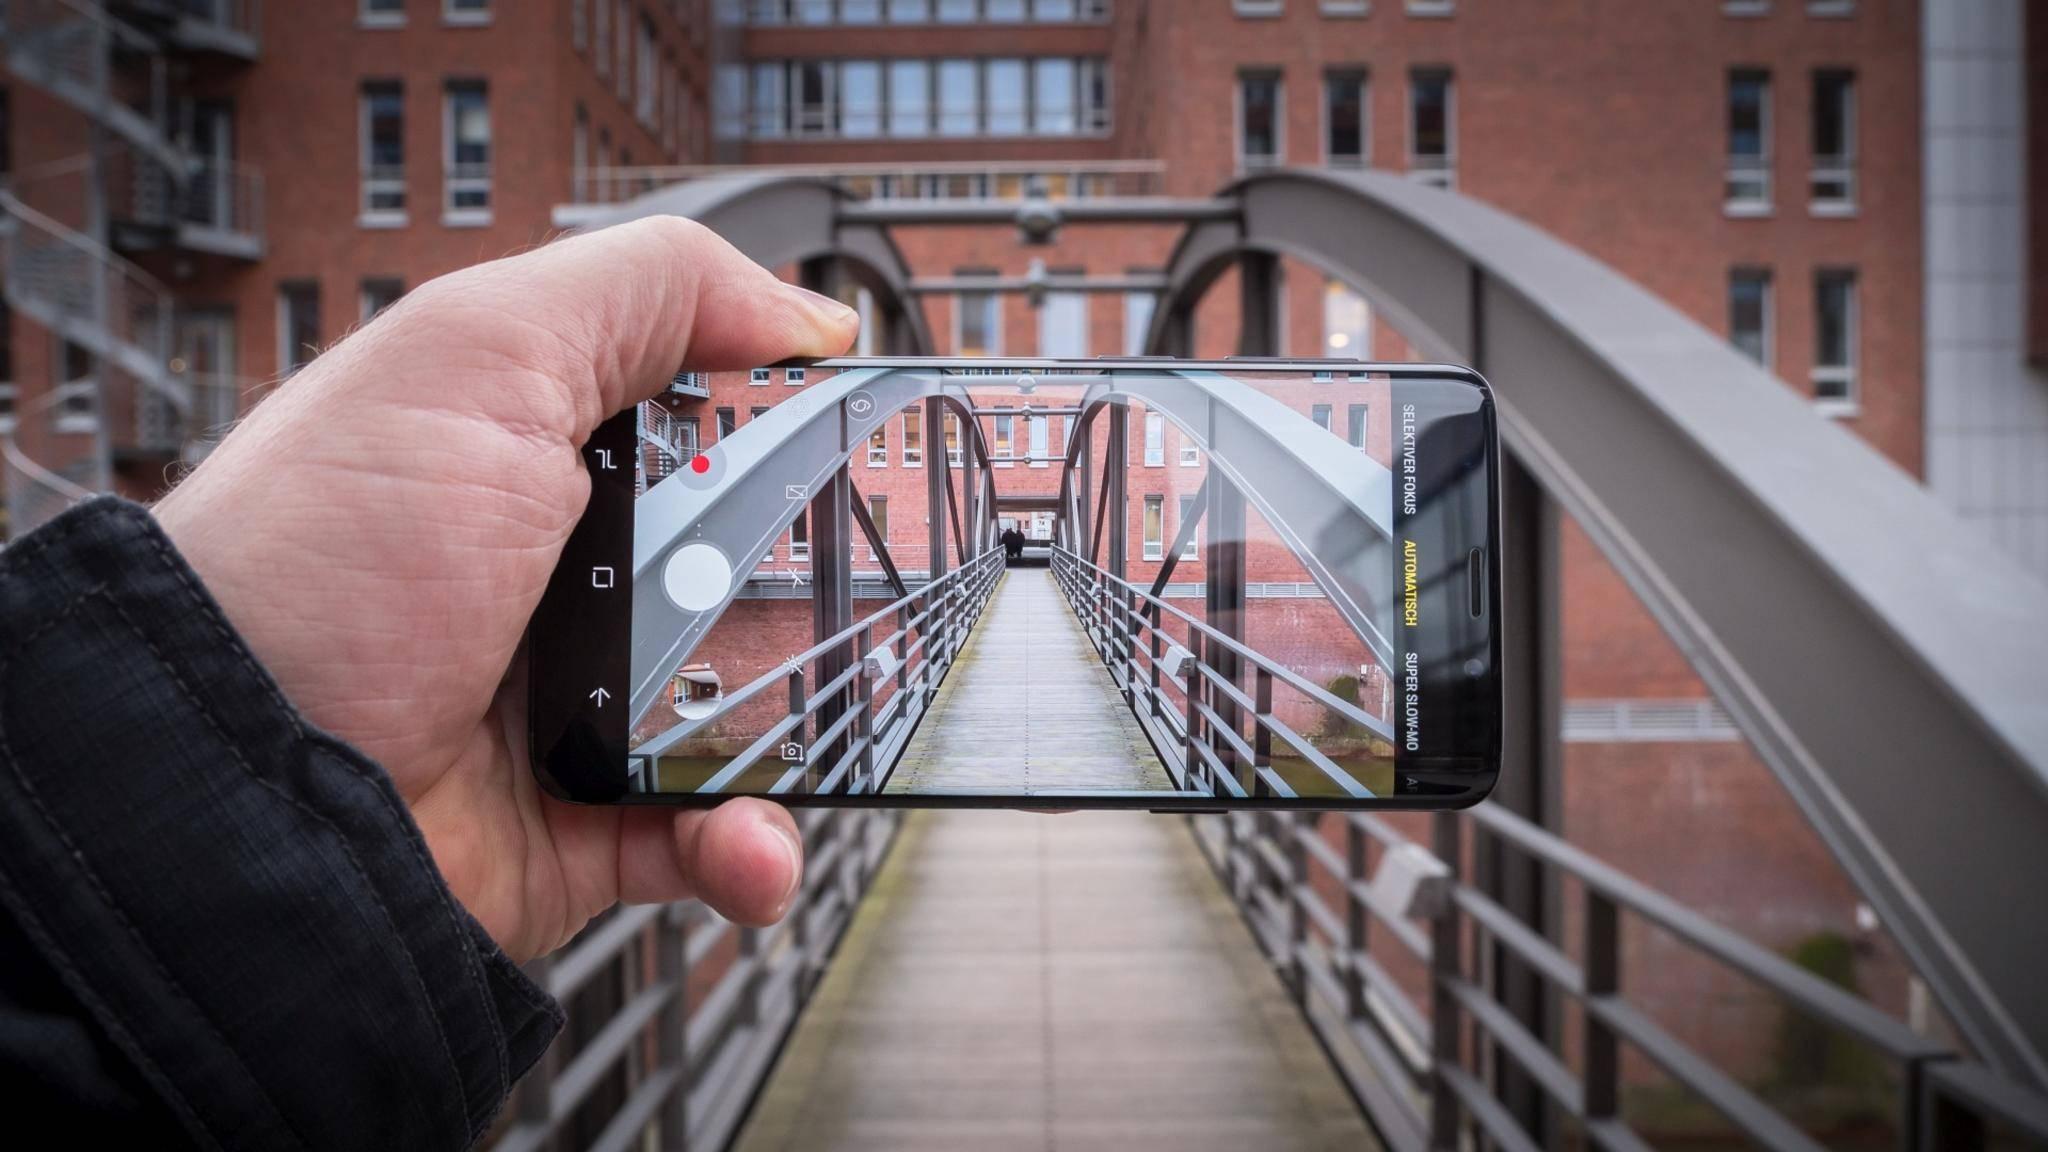 Das Galaxy S9 wird wie das Galaxy S8 auf die ARCore-Apps zugreifen können.